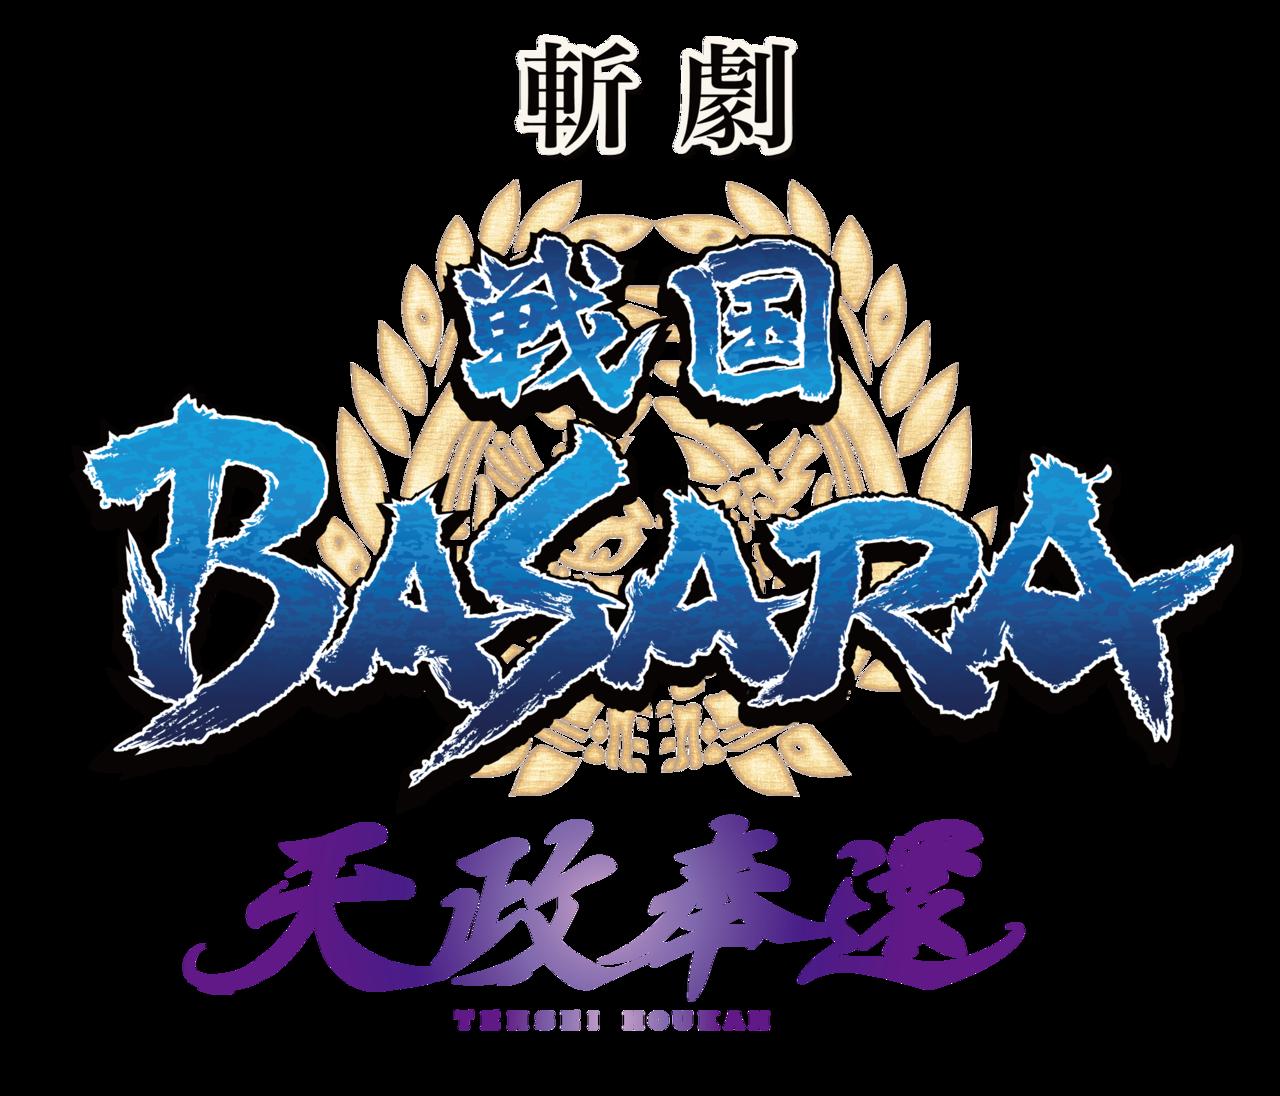 タイトル&キャスト解禁! 斬劇『戦国BASARA』最新作は2019年7月上演